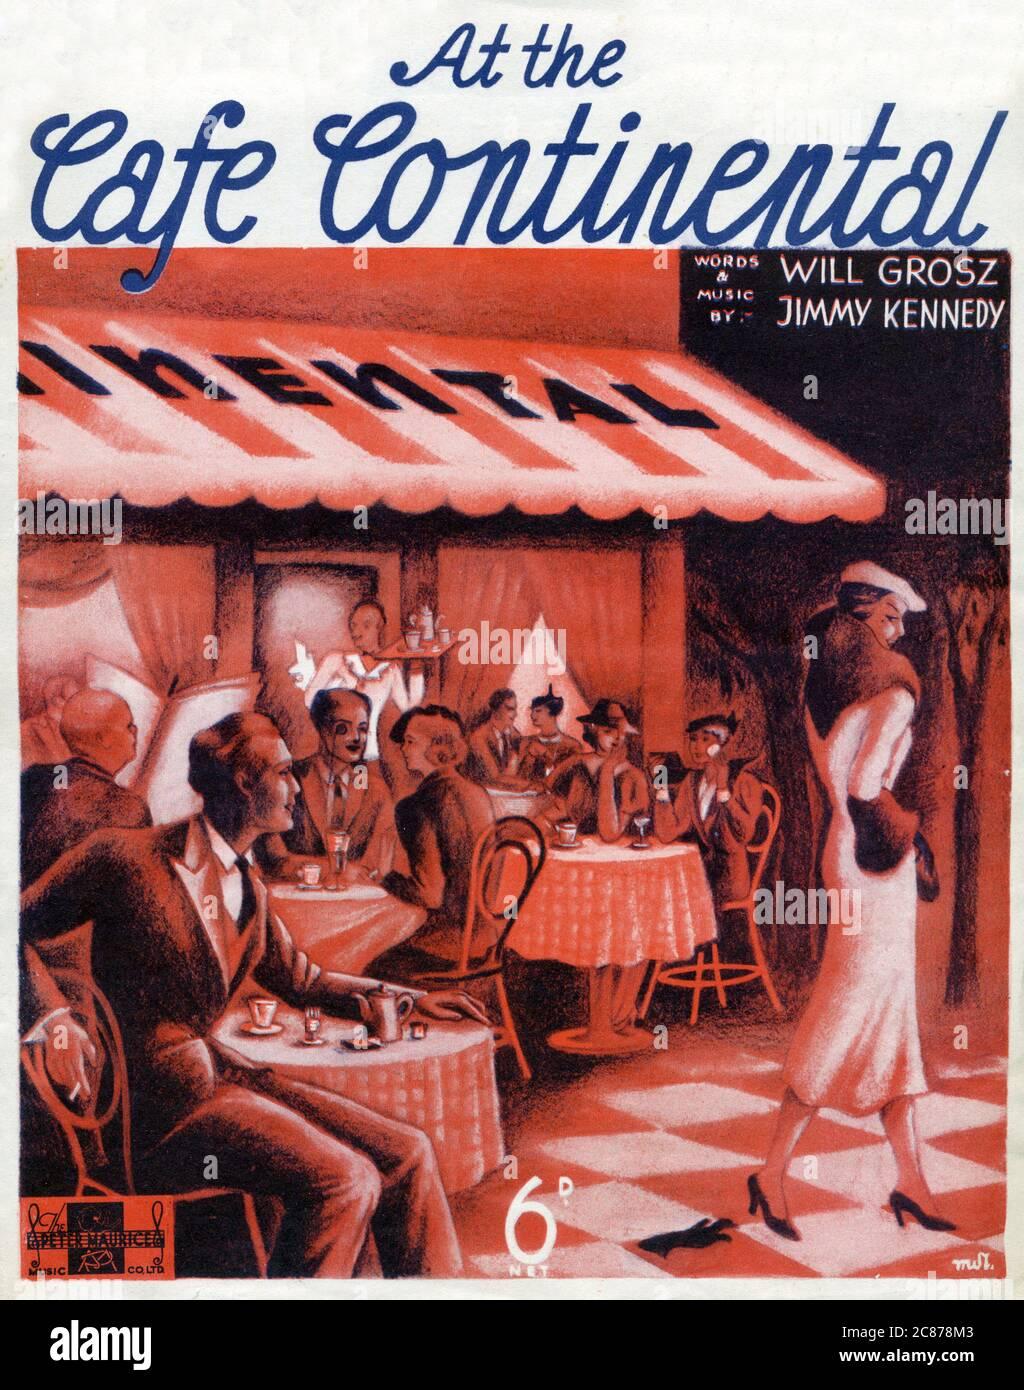 Couverture musicale pour « at the Cafe Continental » par will Grosz et Jimmy Kennedy. L'illustration présente un café continental avec divers clients assis à des tables extérieures. Un serveur émerge avec des boissons et une femme élégante saisit l'œil d'un admirateur. Date: 1936 Banque D'Images